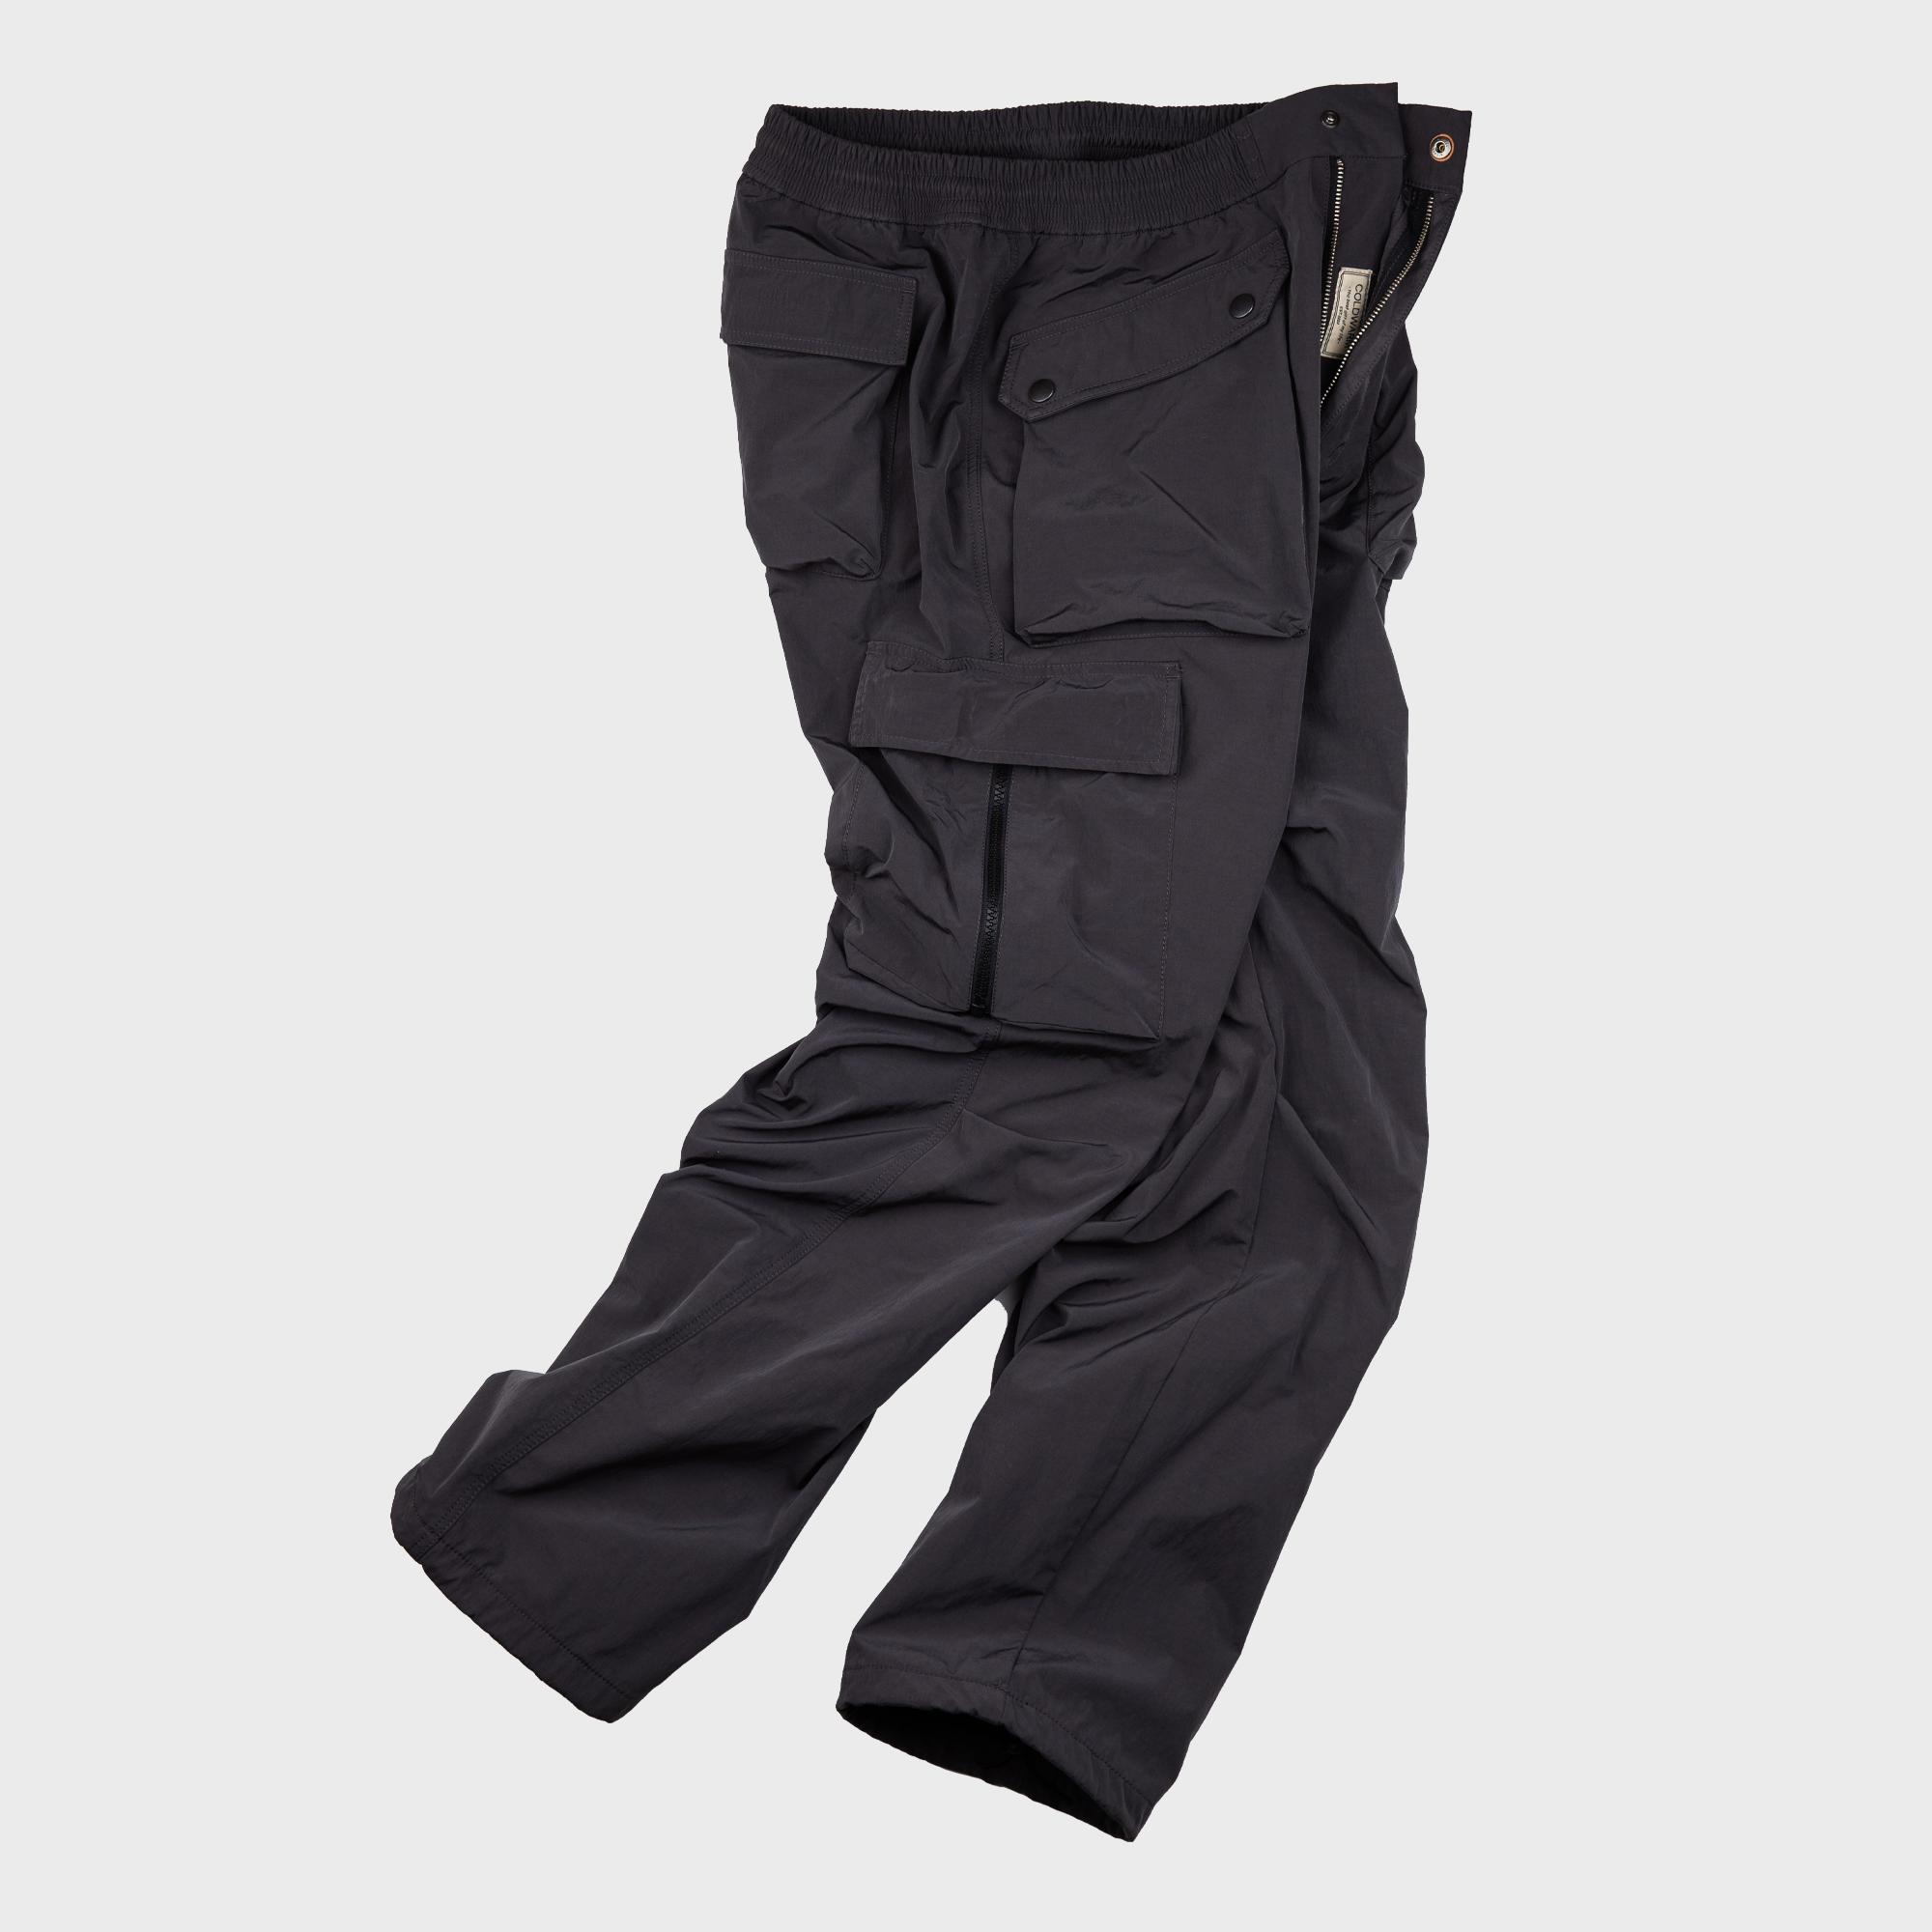 2020FW - Utility pants 챠콜